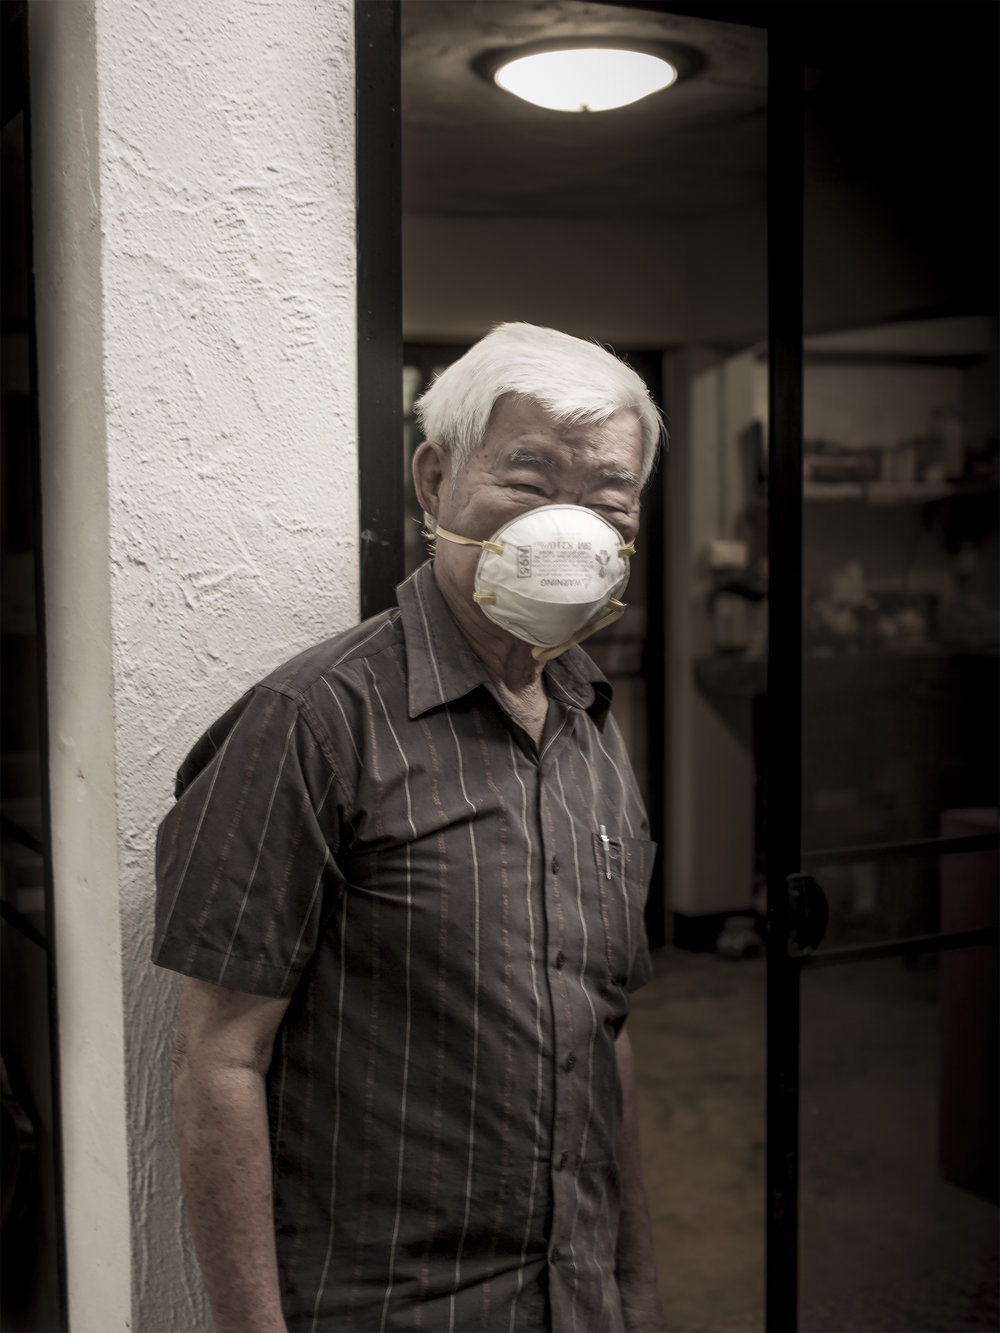 พ่อ Paw  78  เชียงใหม่ Chiang Mai  ความเงียบ Silence